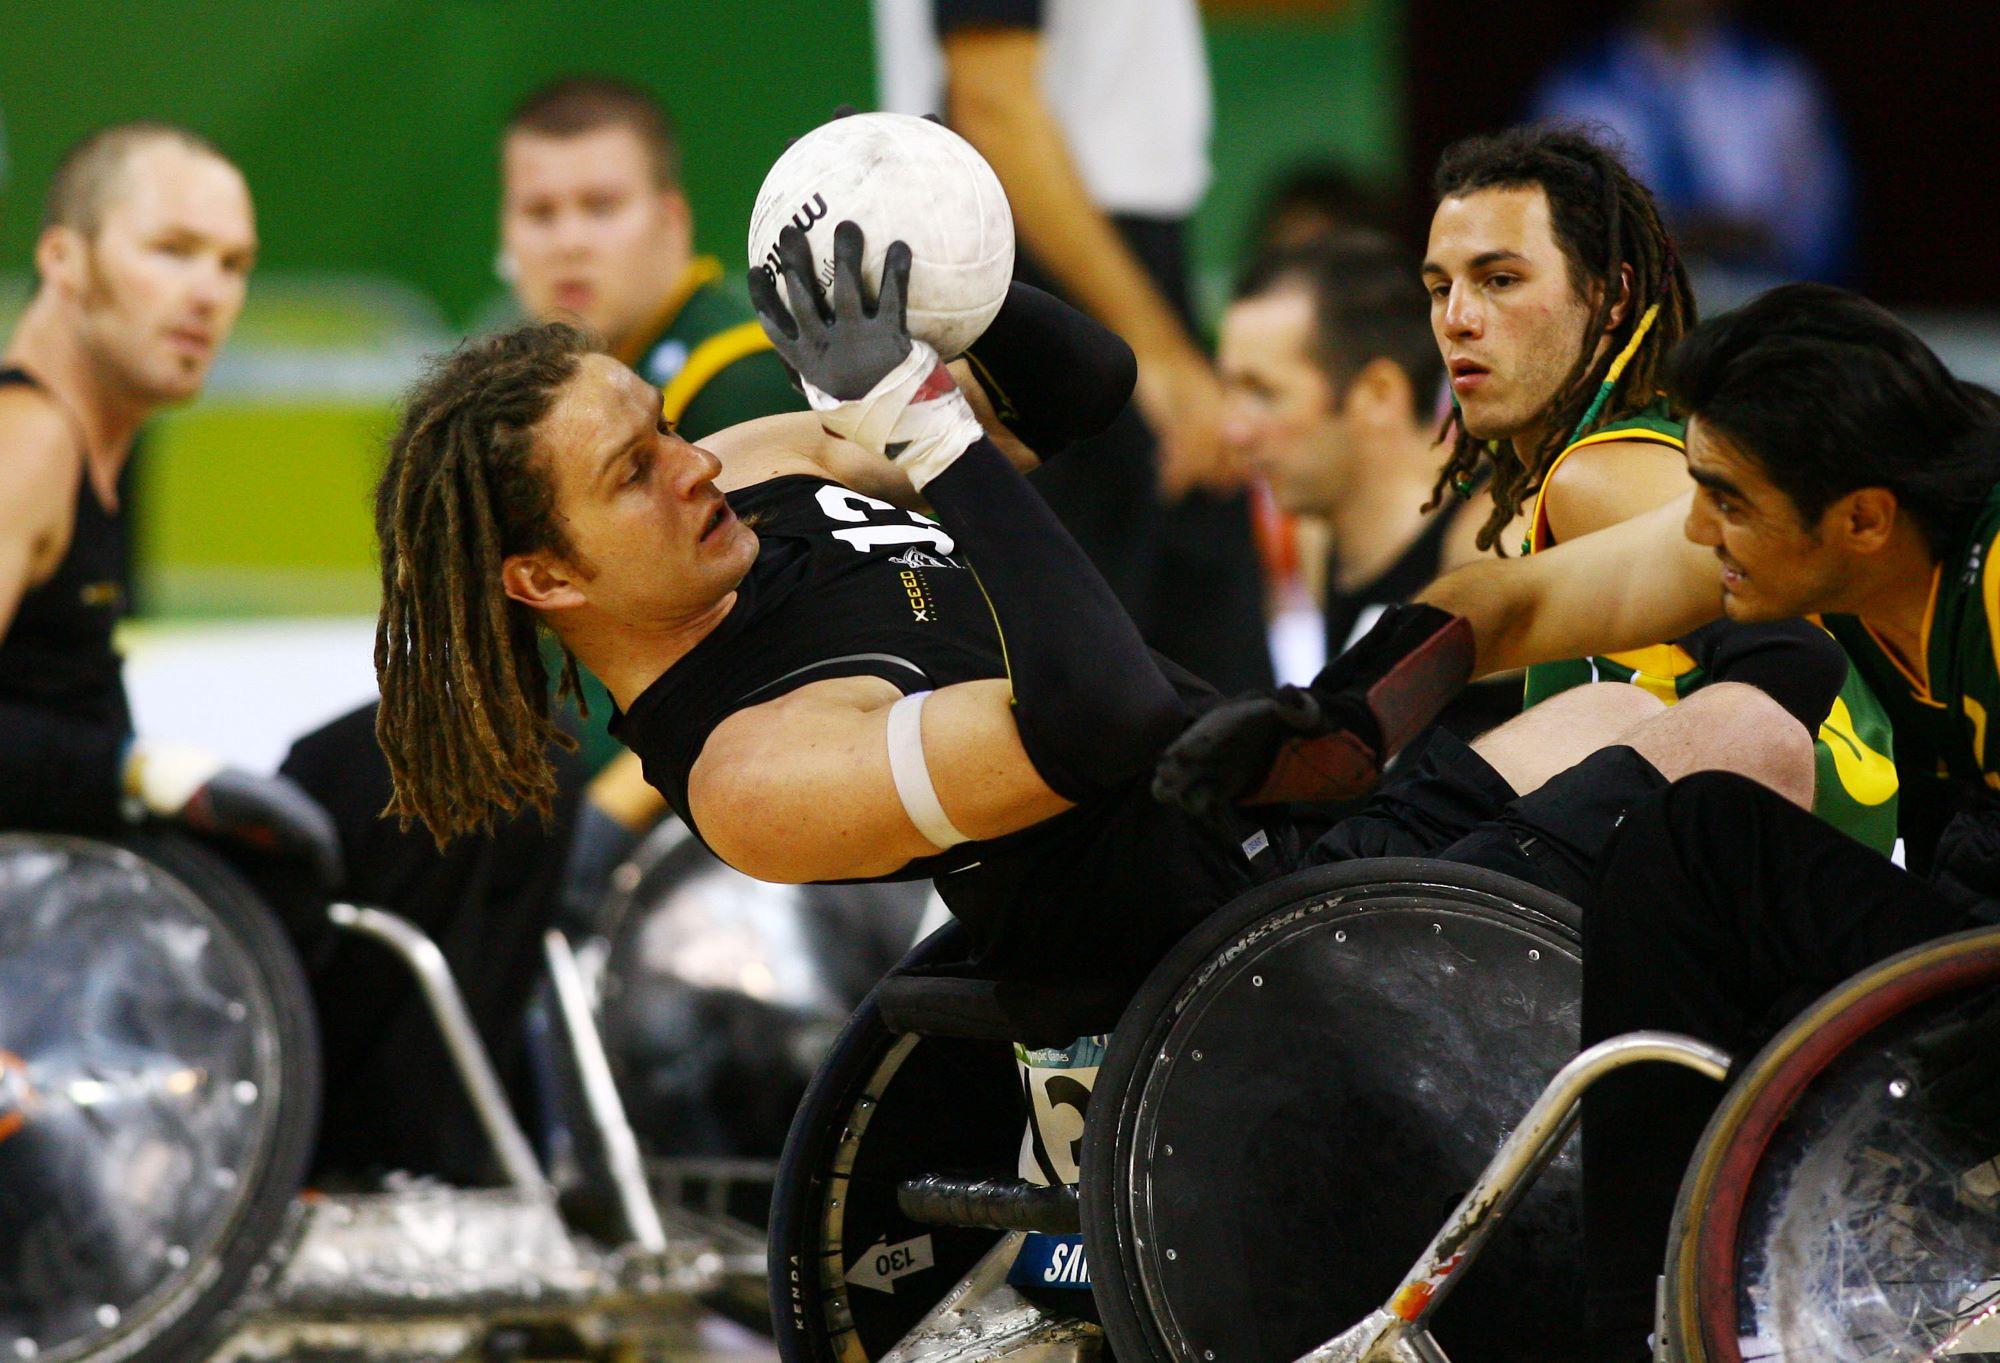 Des joueurs de rugby fauteuil se disputent le balon